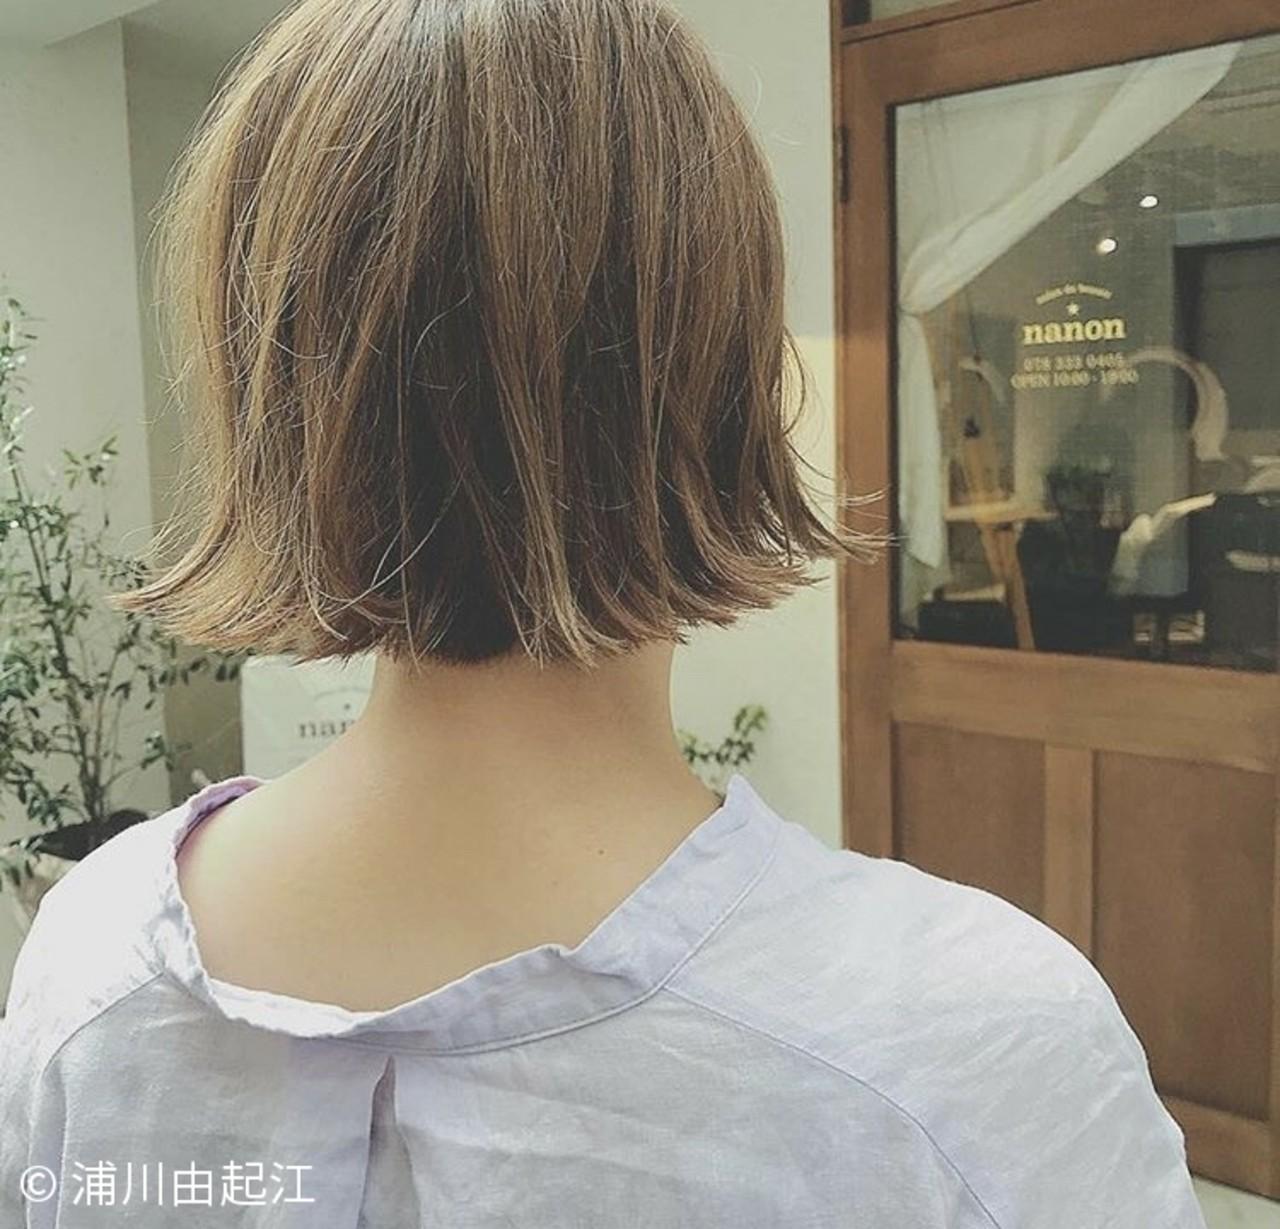 切りっぱなし ゆるふわ 秋冬ショート 外国人風 ヘアスタイルや髪型の写真・画像 | 浦川由起江 / nanon